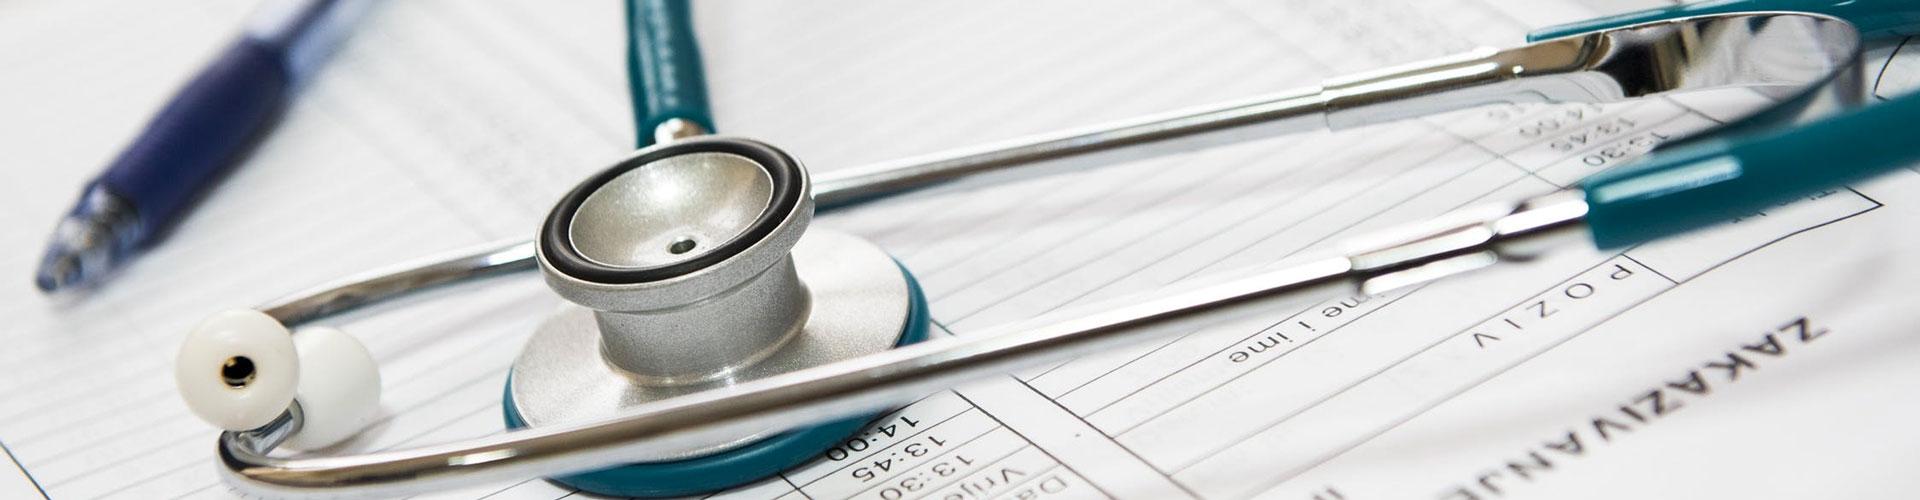 Medische aansprakelijkheid vaststellen na fout